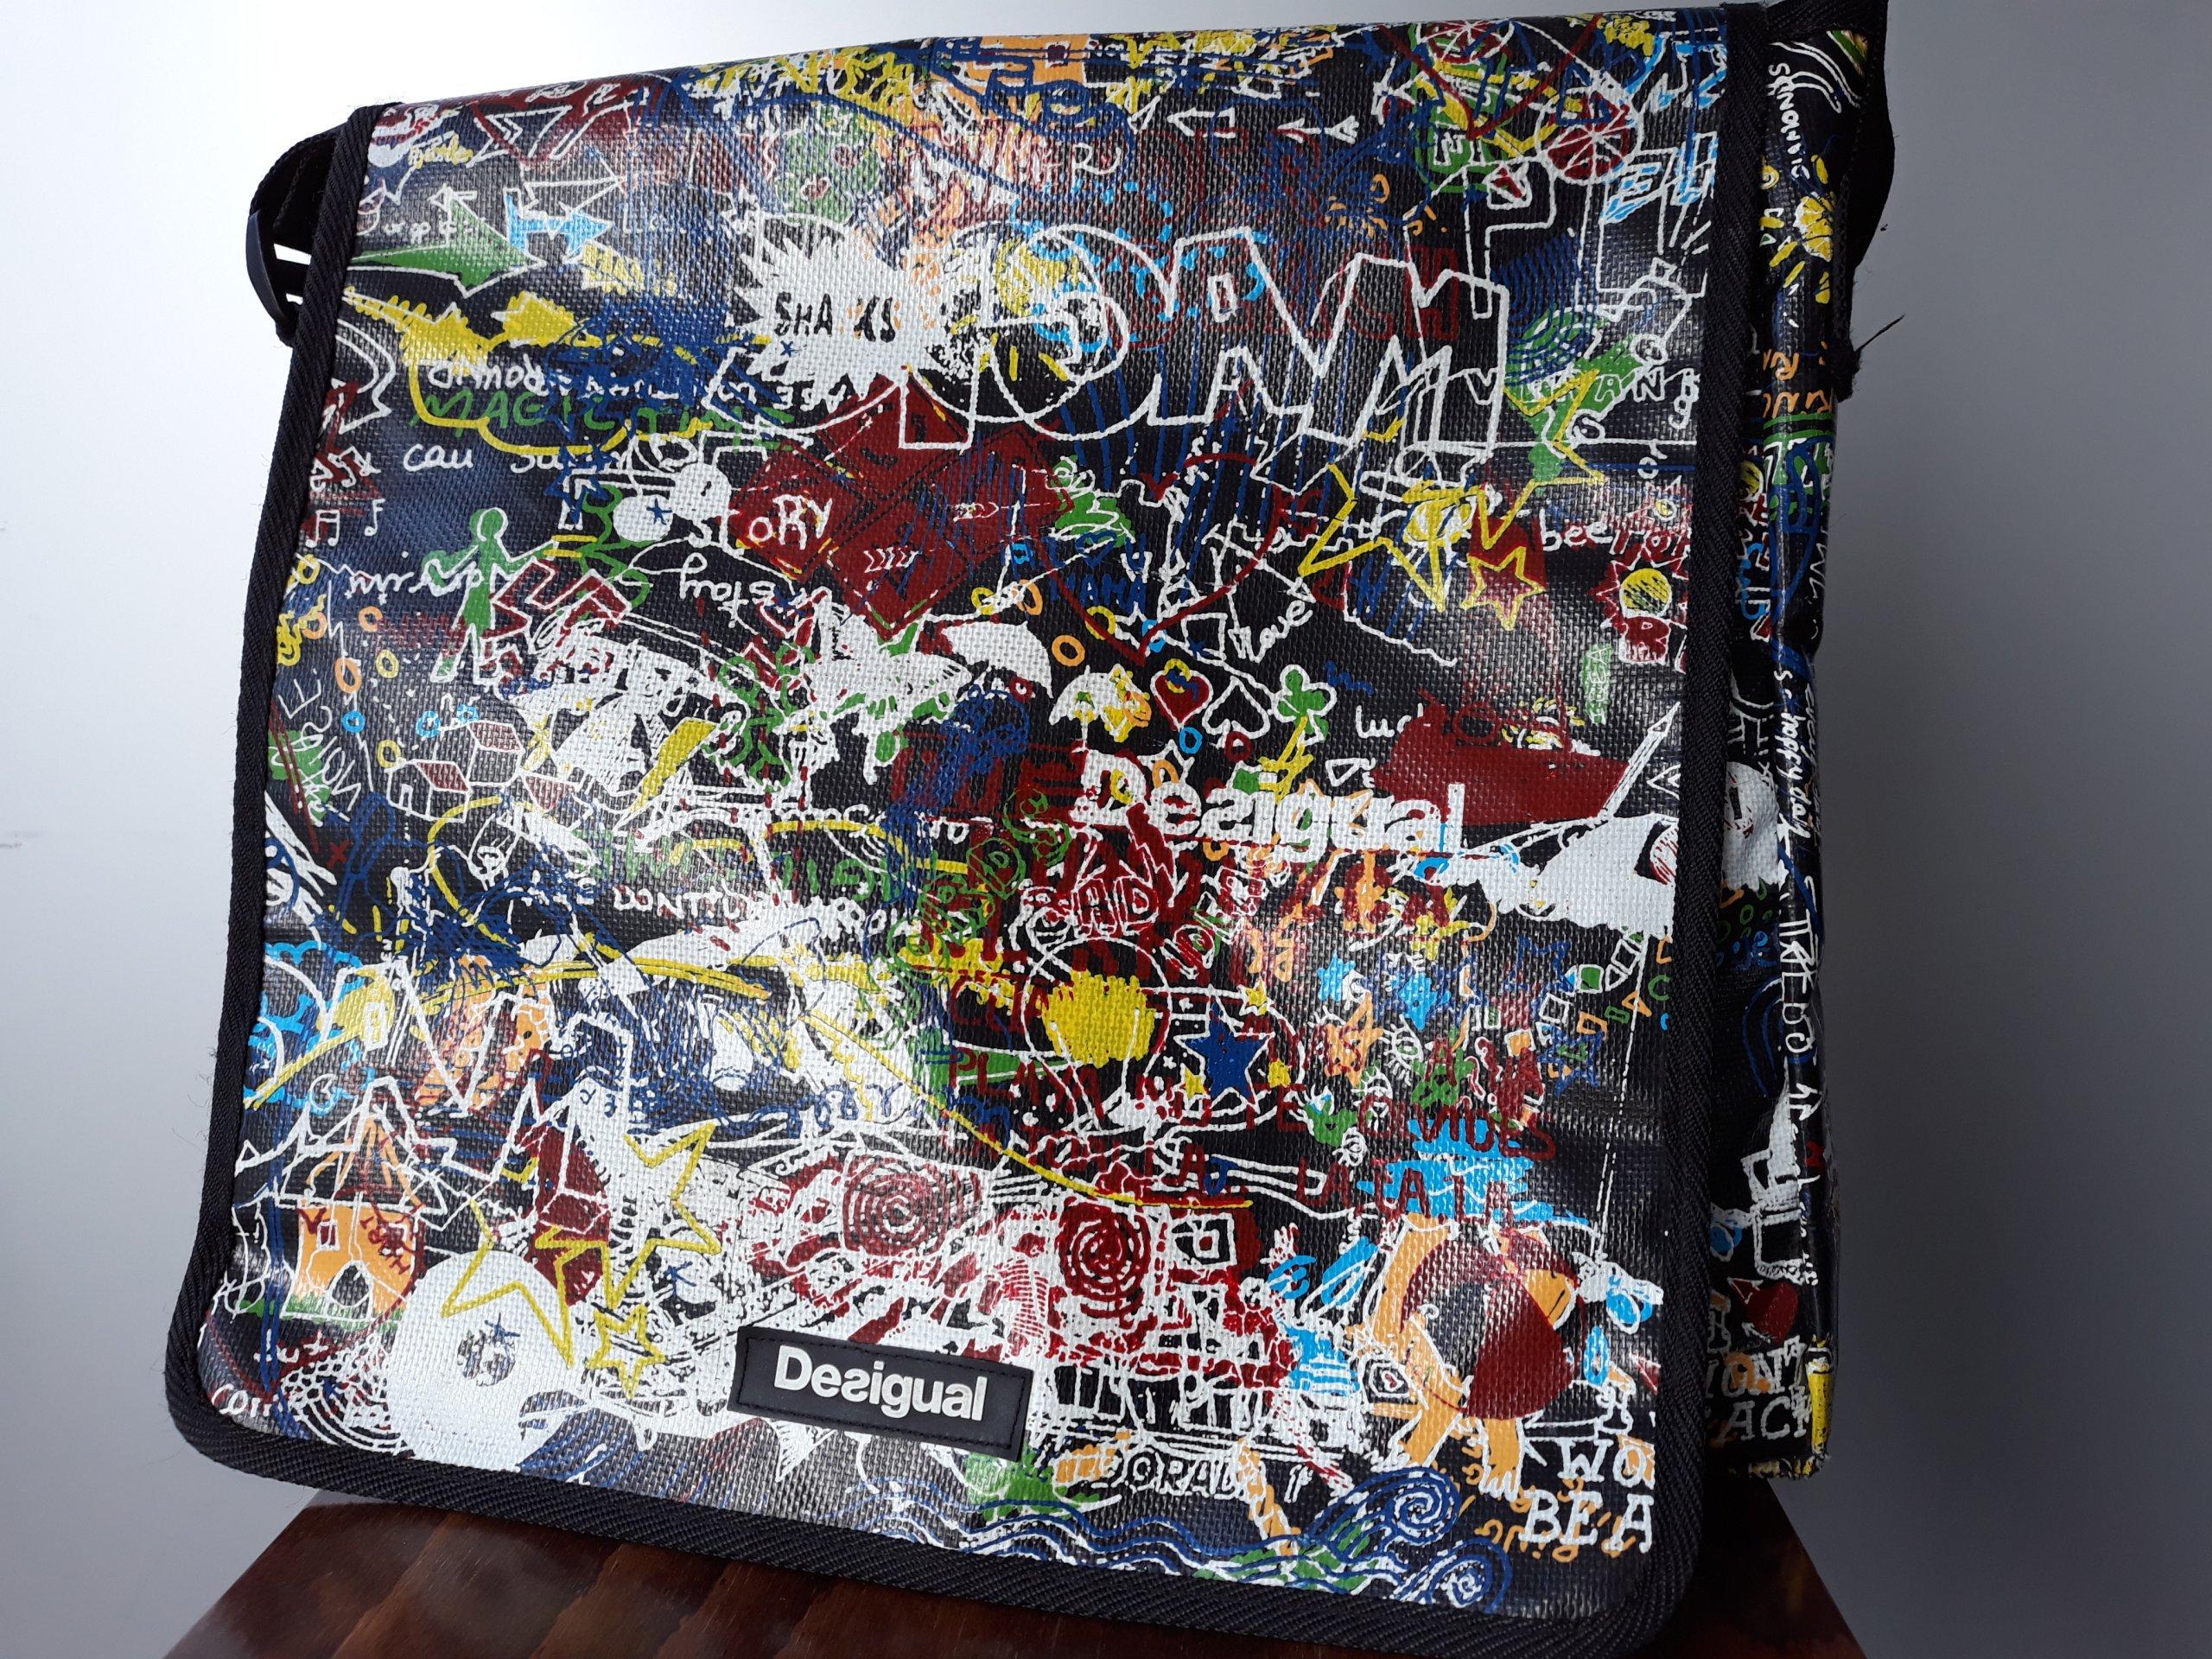 7dd8b830aa039 DESIGUAL - torba na ramię - 7340610021 - oficjalne archiwum allegro